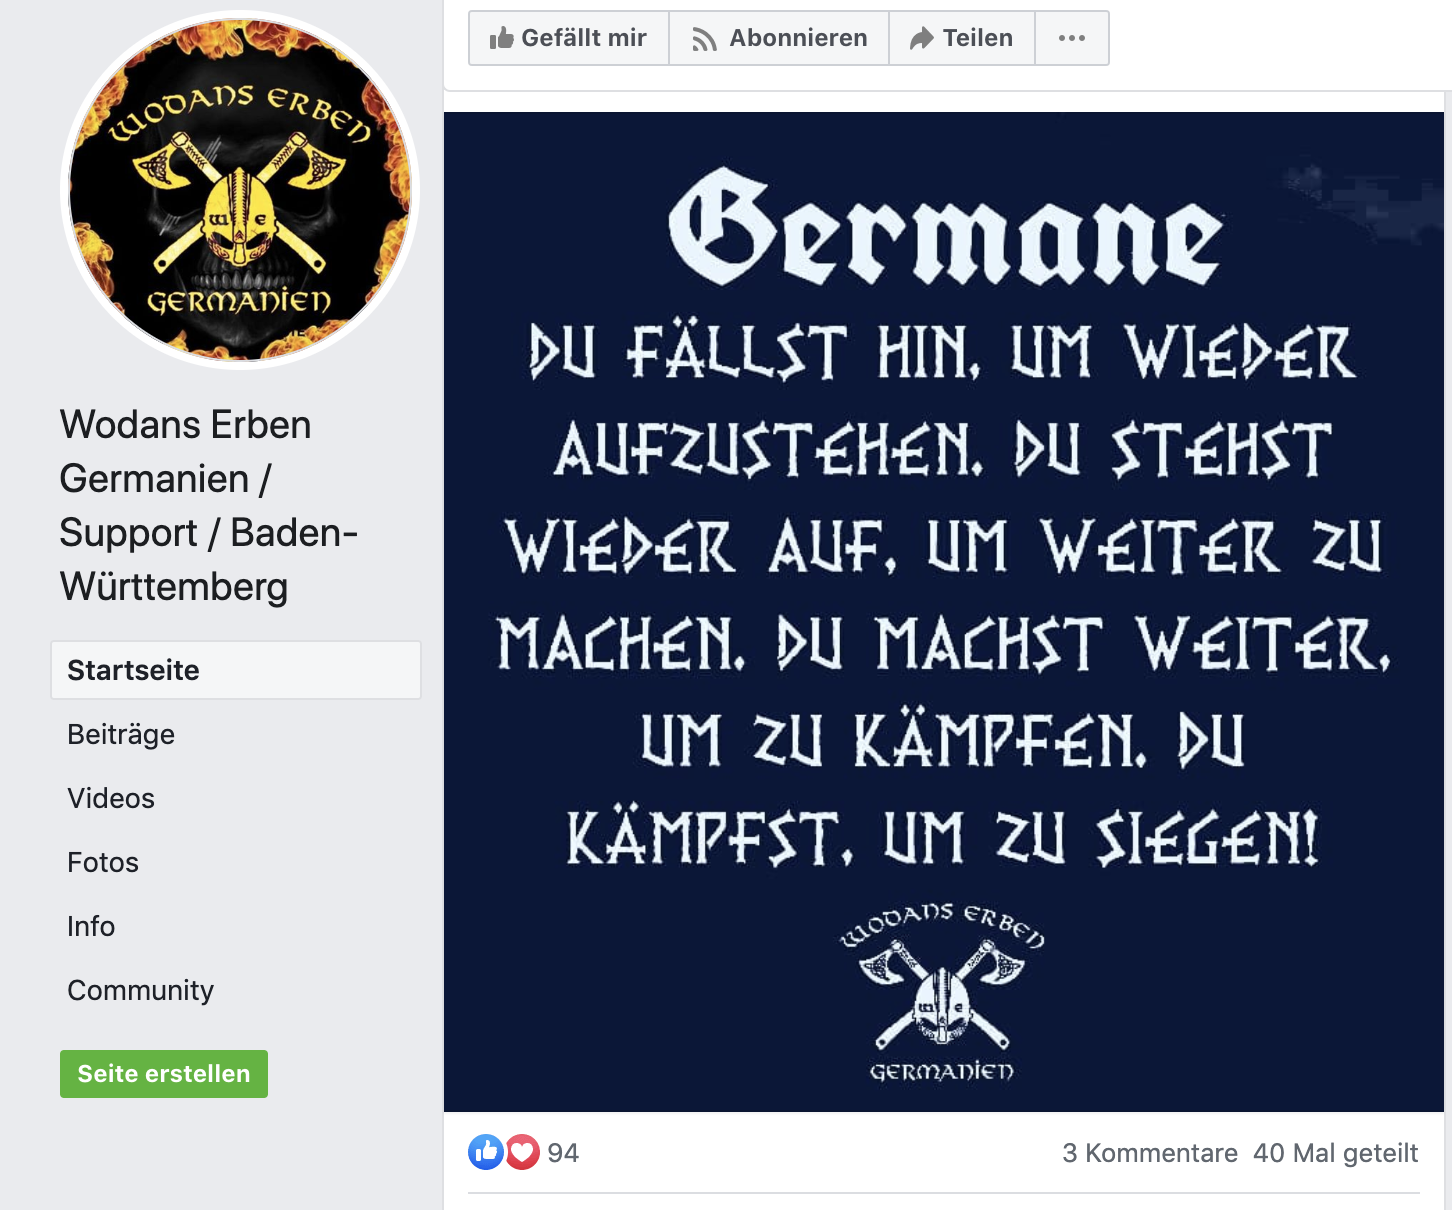 """Posting am Tag nach Hanau: """"Germande Du fällst hin, um wieder aufzustehen ...Du kämpfst, um zu siegen"""" Mit Likes aus Österreich"""